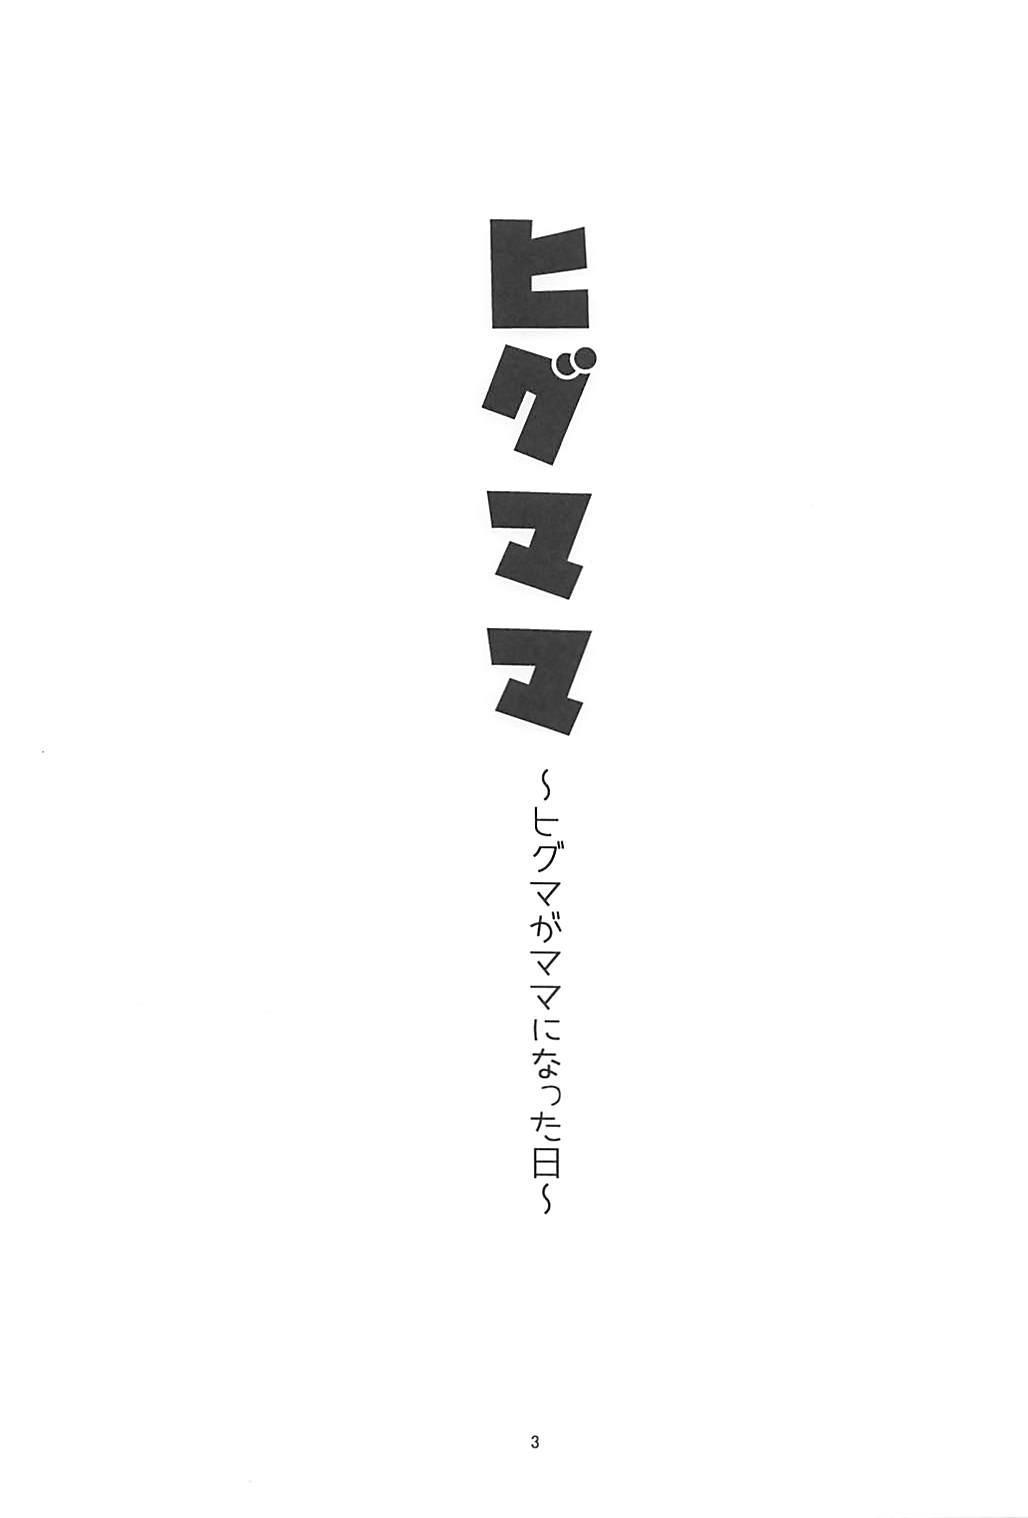 Higumama 1